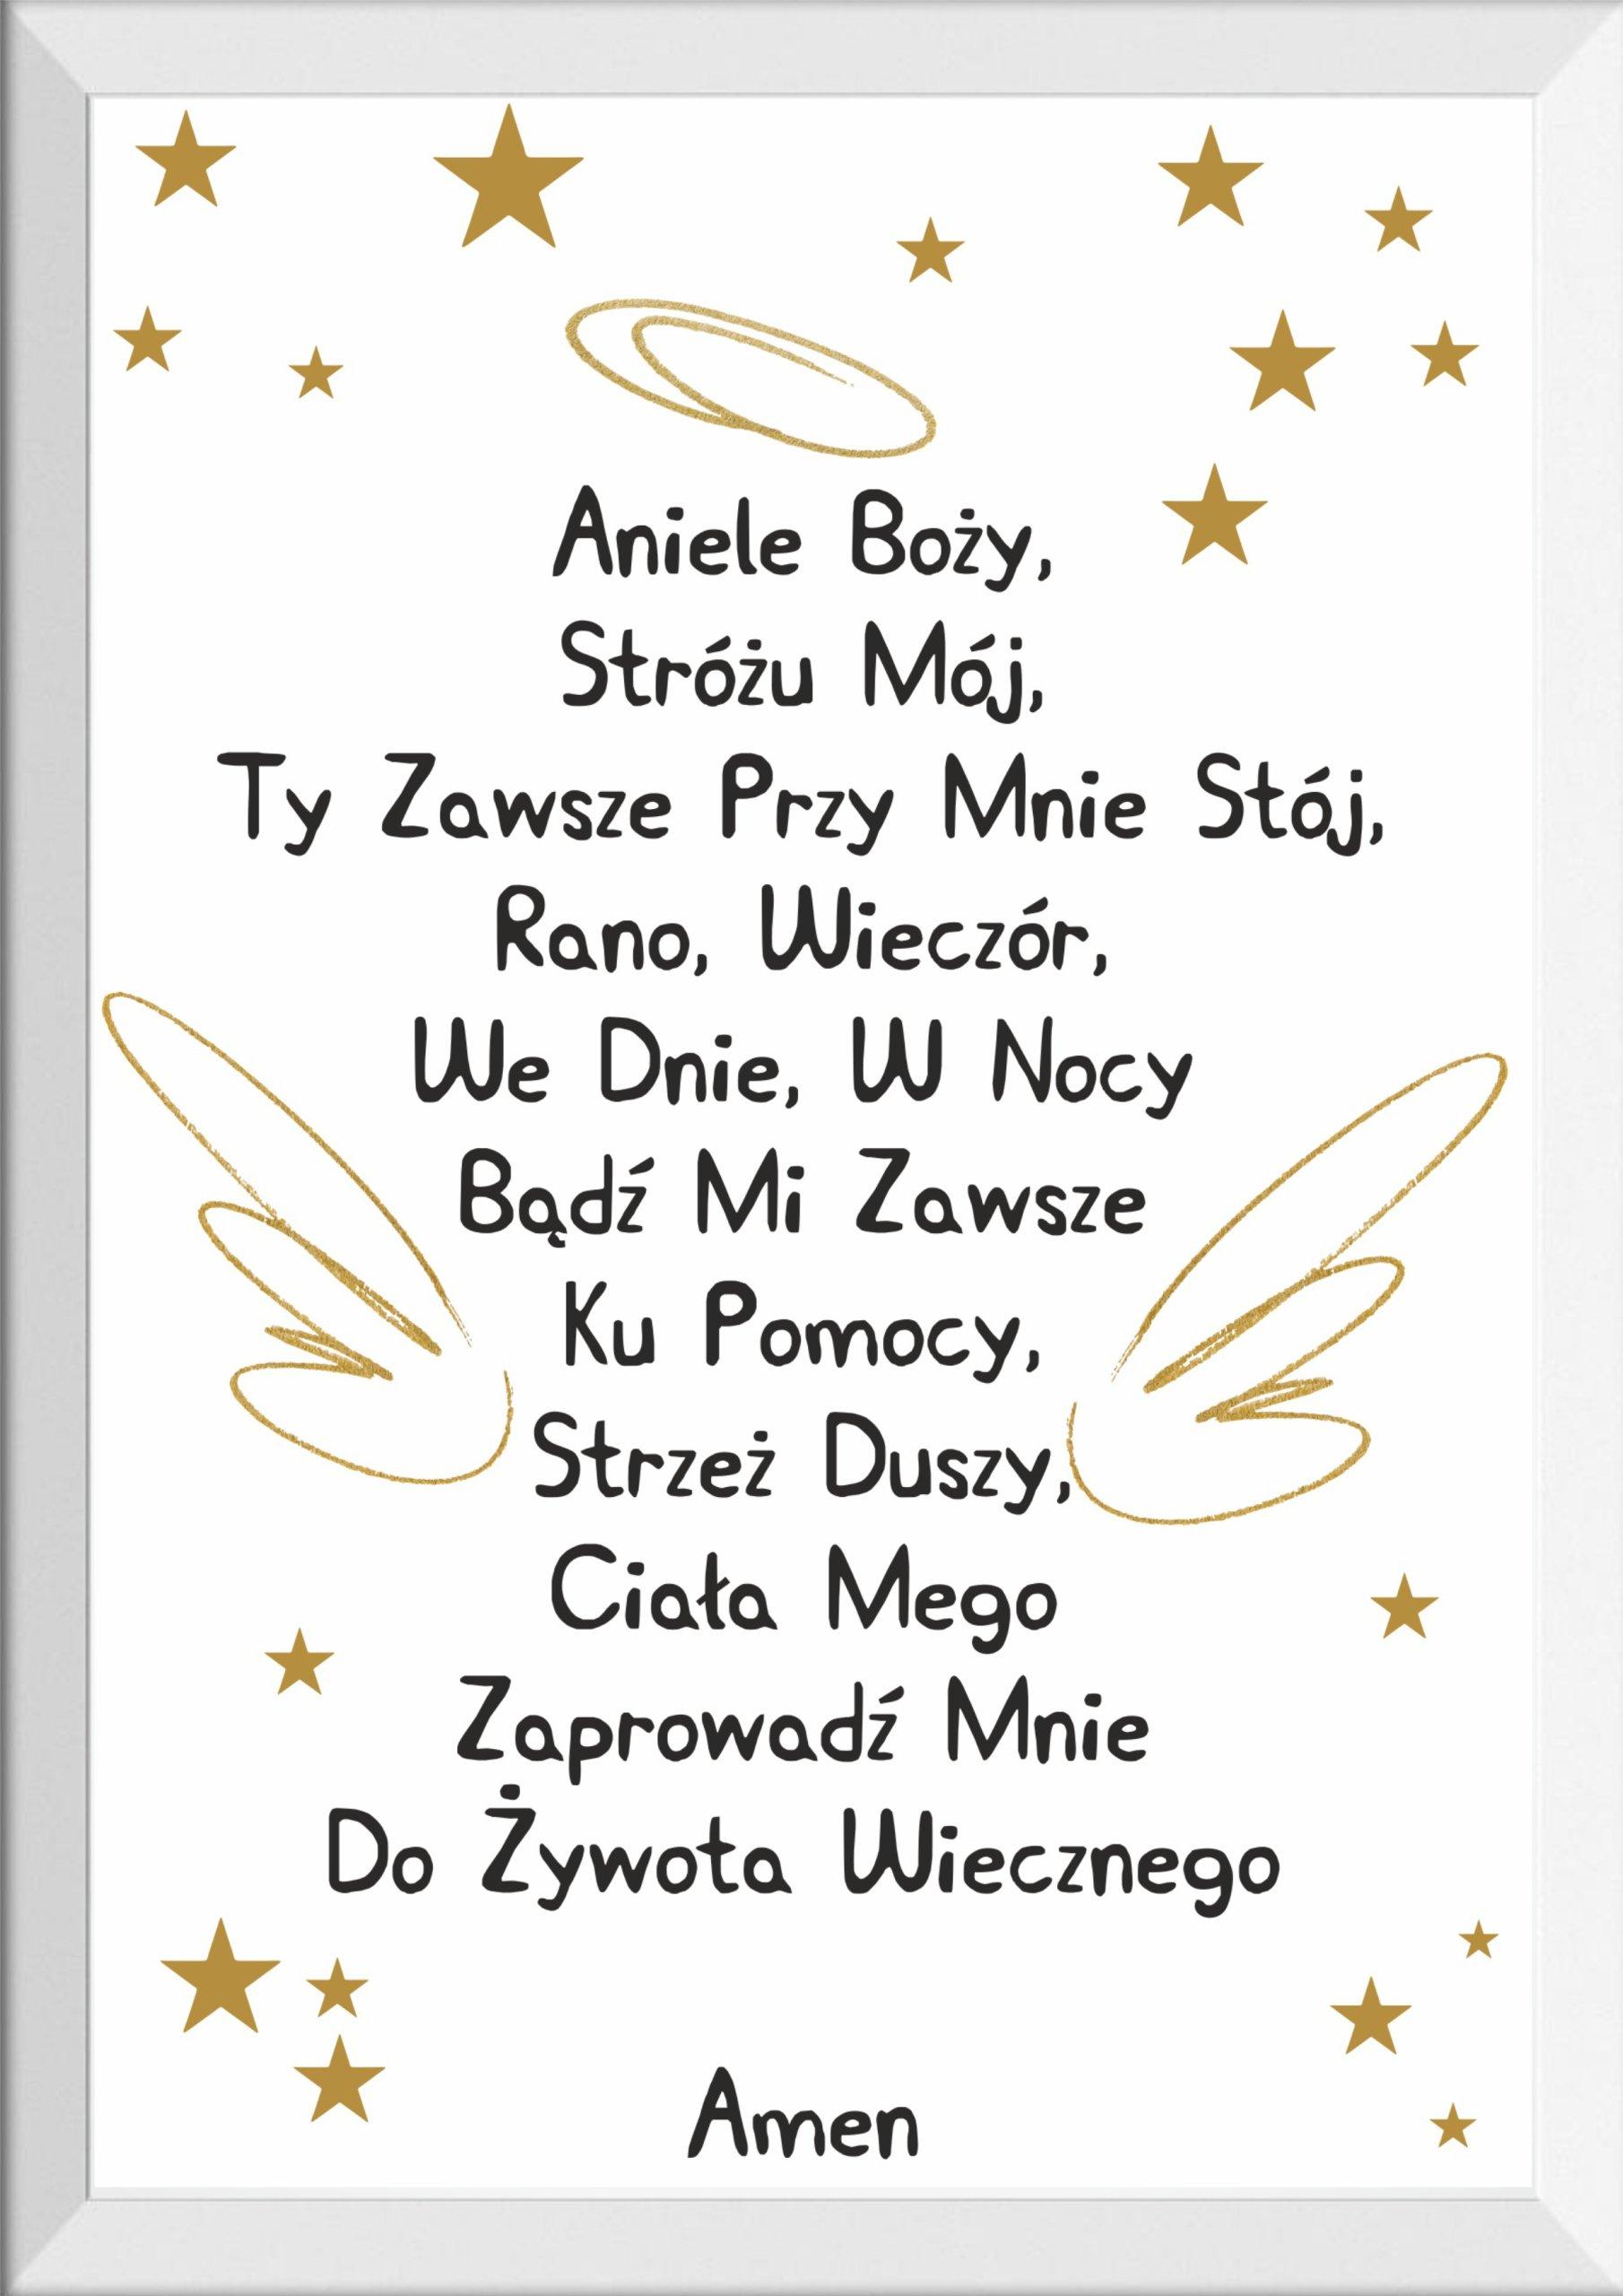 PLAKAT MODLITWA ANIELE BOŻY prezent A3 MAXWYBÓR 7789202875 - Allegro.pl